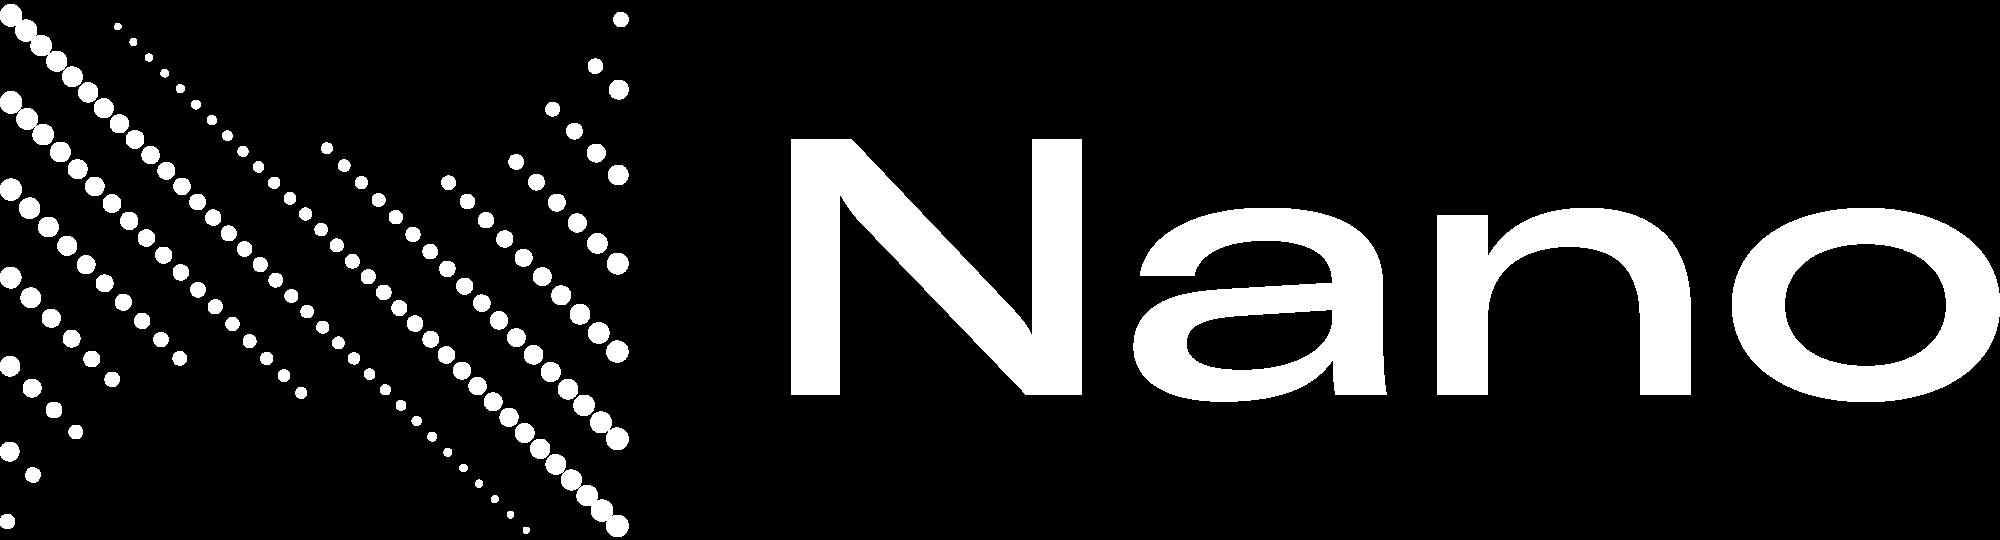 logo-white-2x